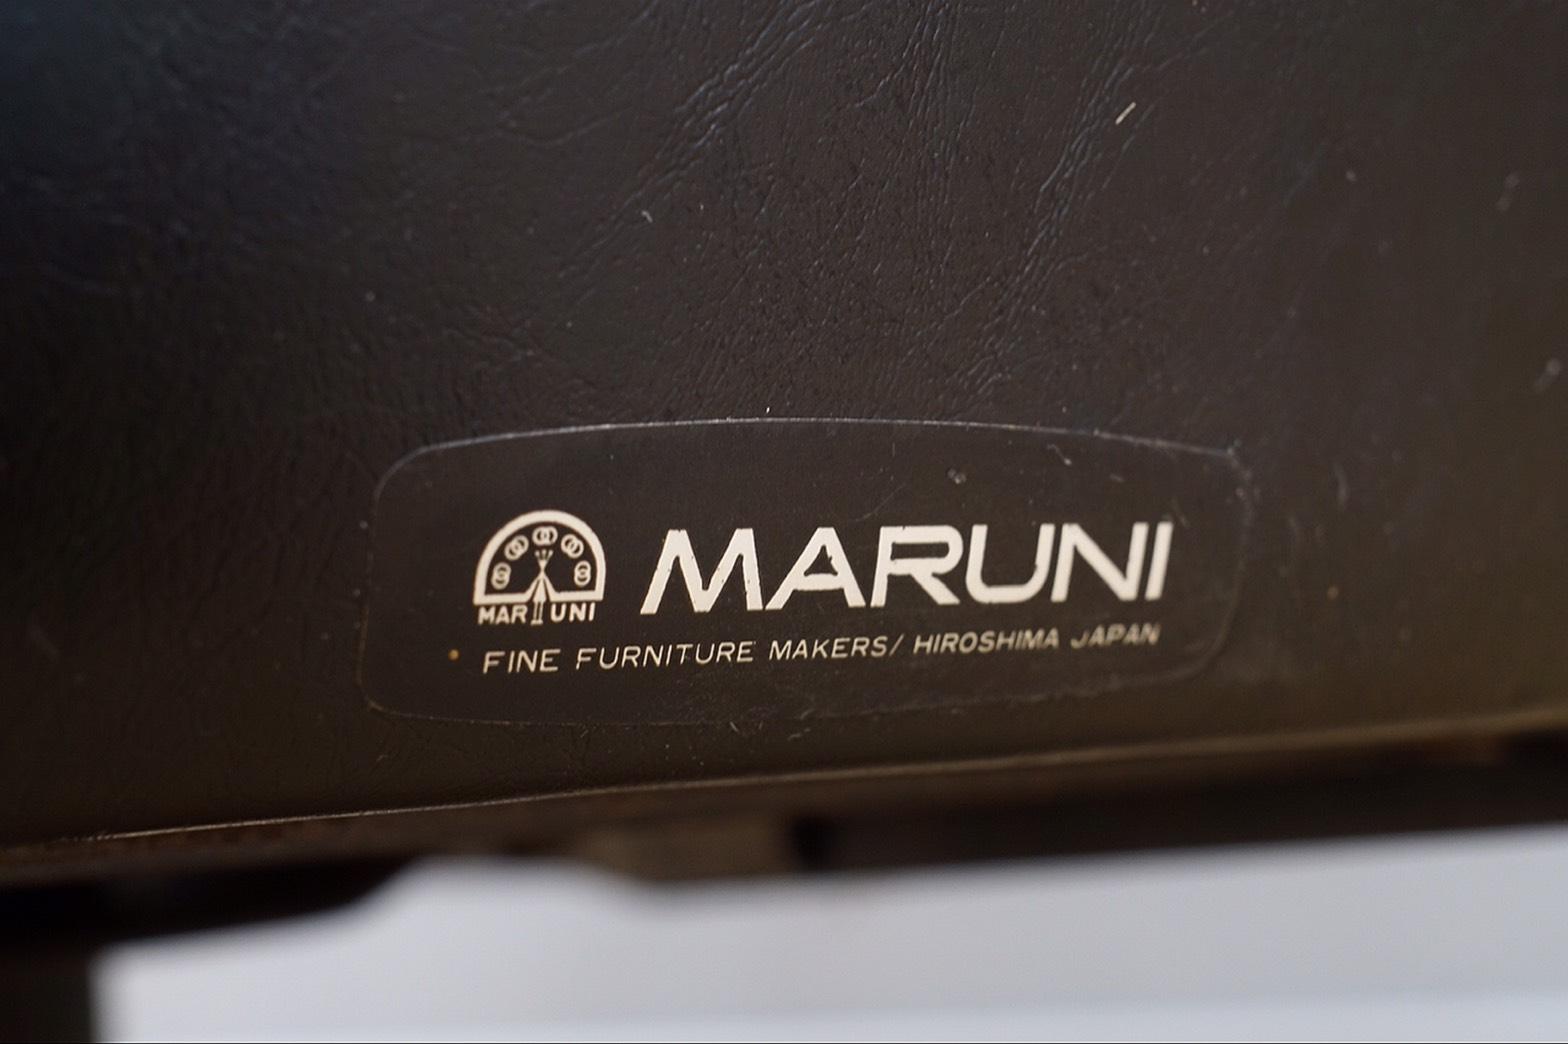 オールドマルニ(孔雀ロゴ) ロッキング・ラウンジチェア4